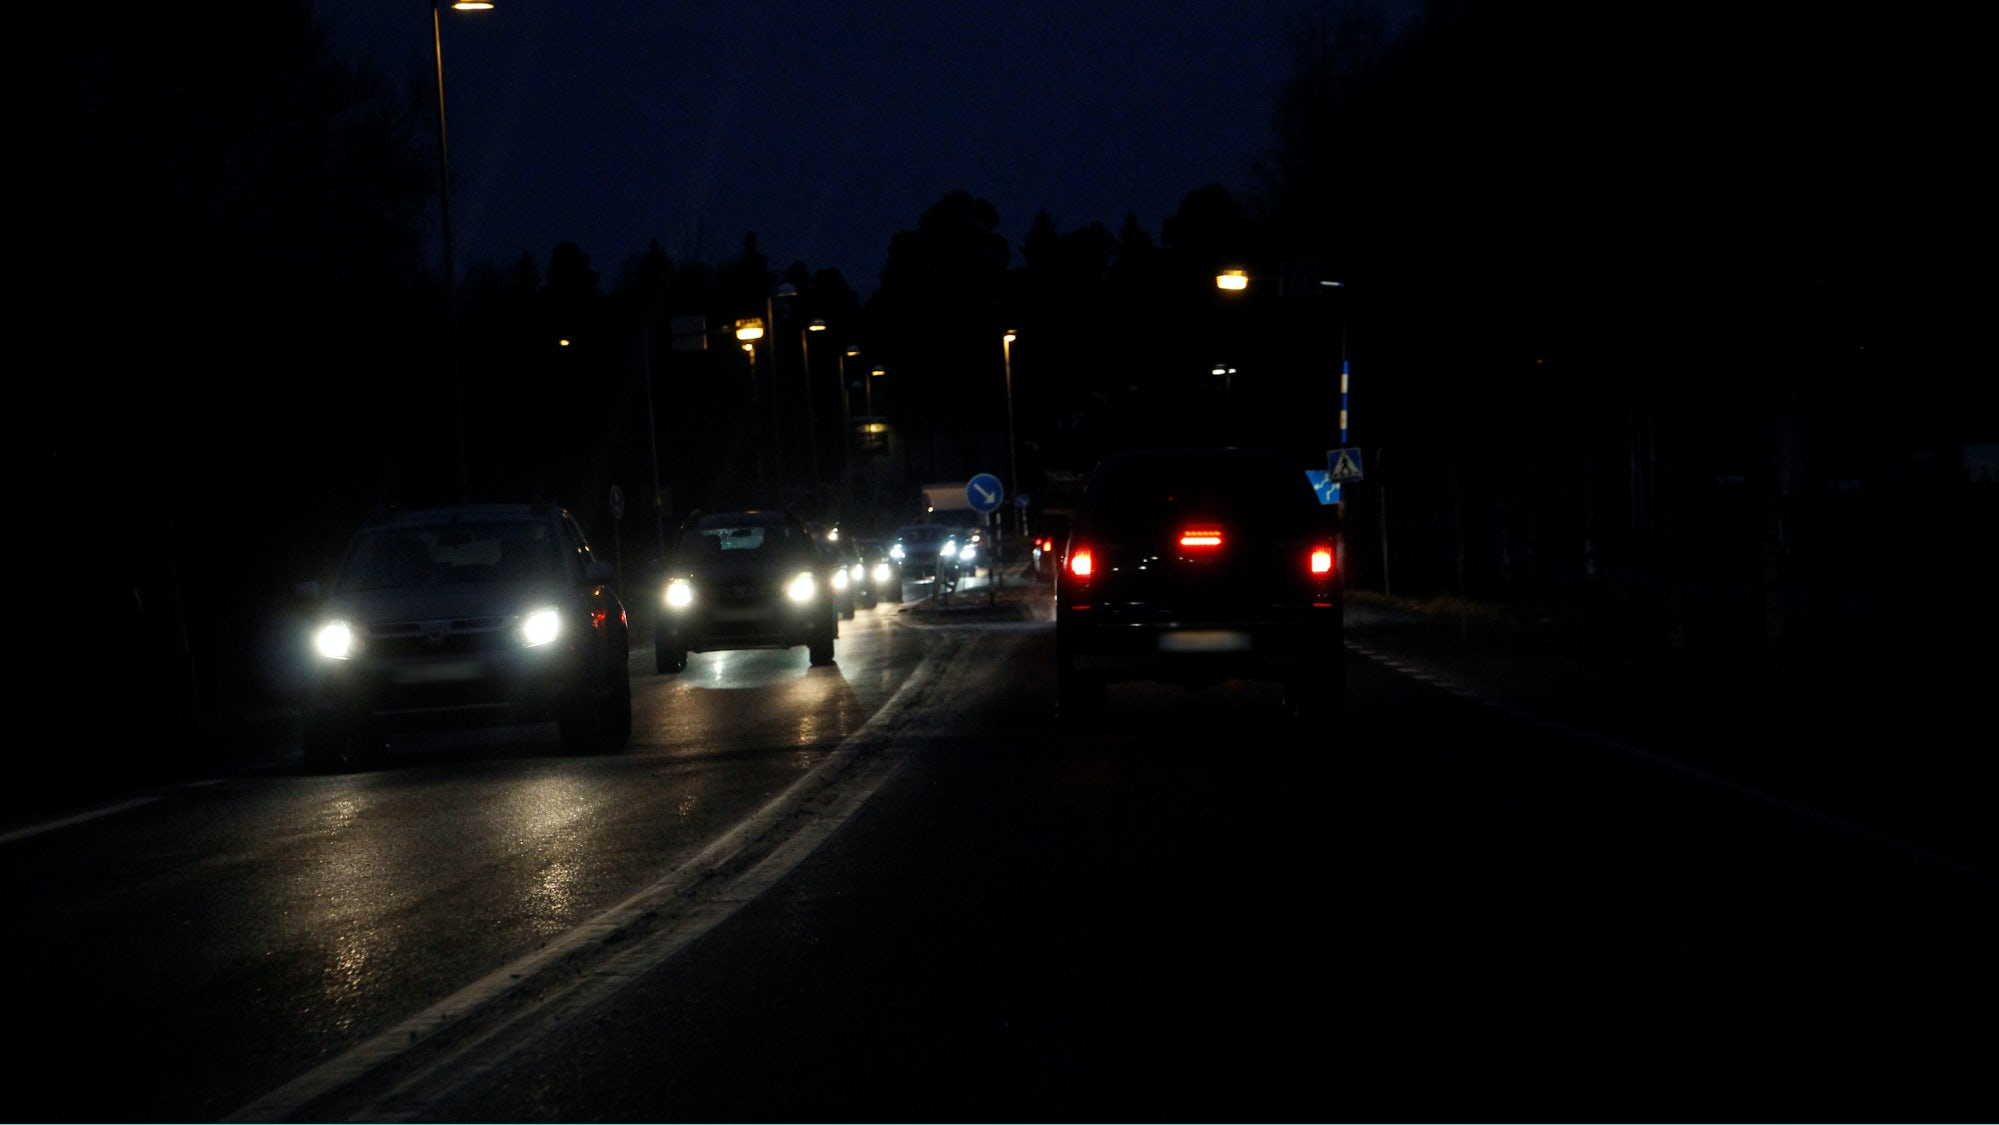 Mötande bilar under nattkörning